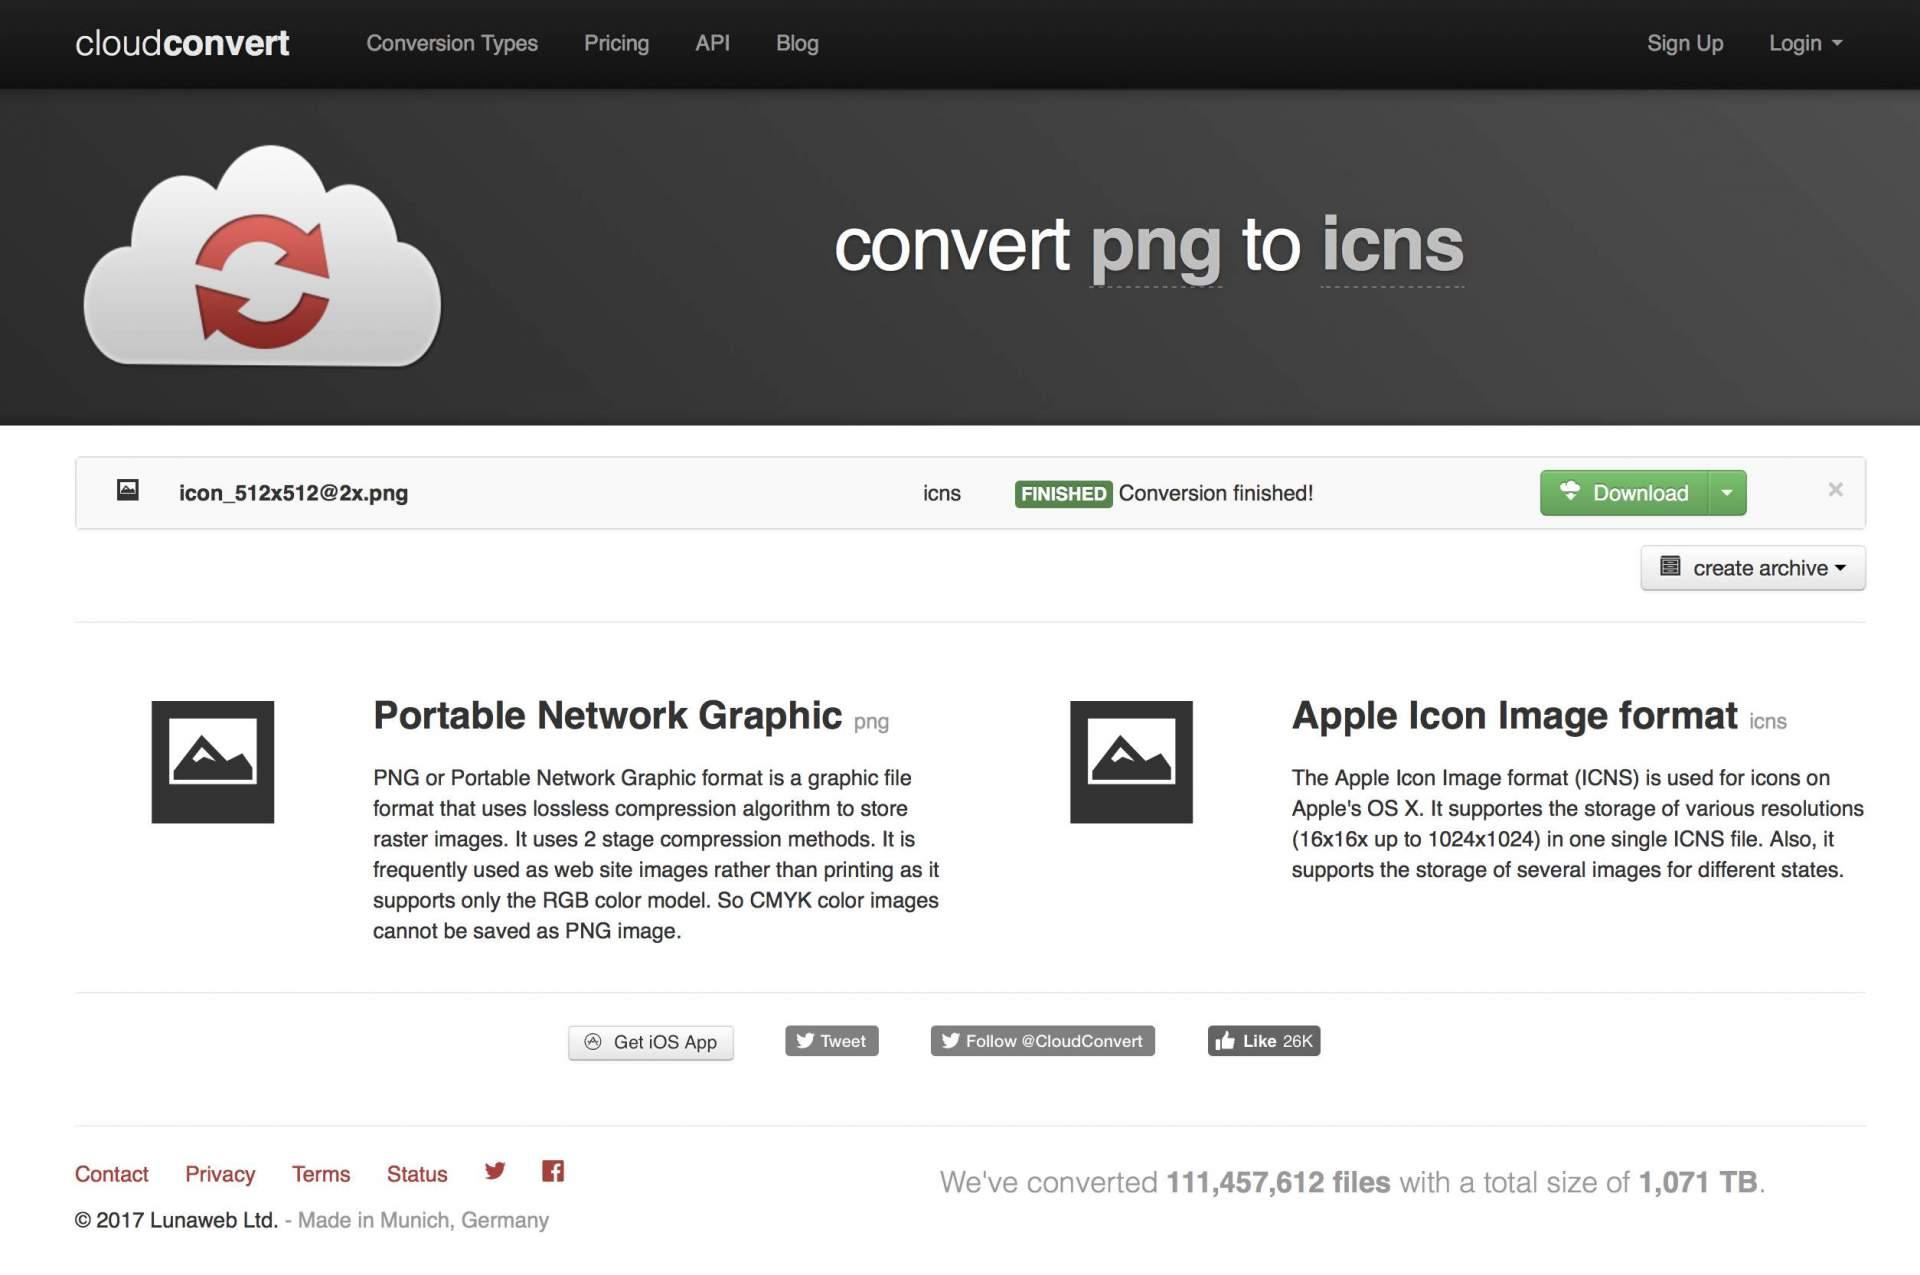 Mit dem CloudConverter sind ICNS-Dateien in zwei Klicks erstellt.